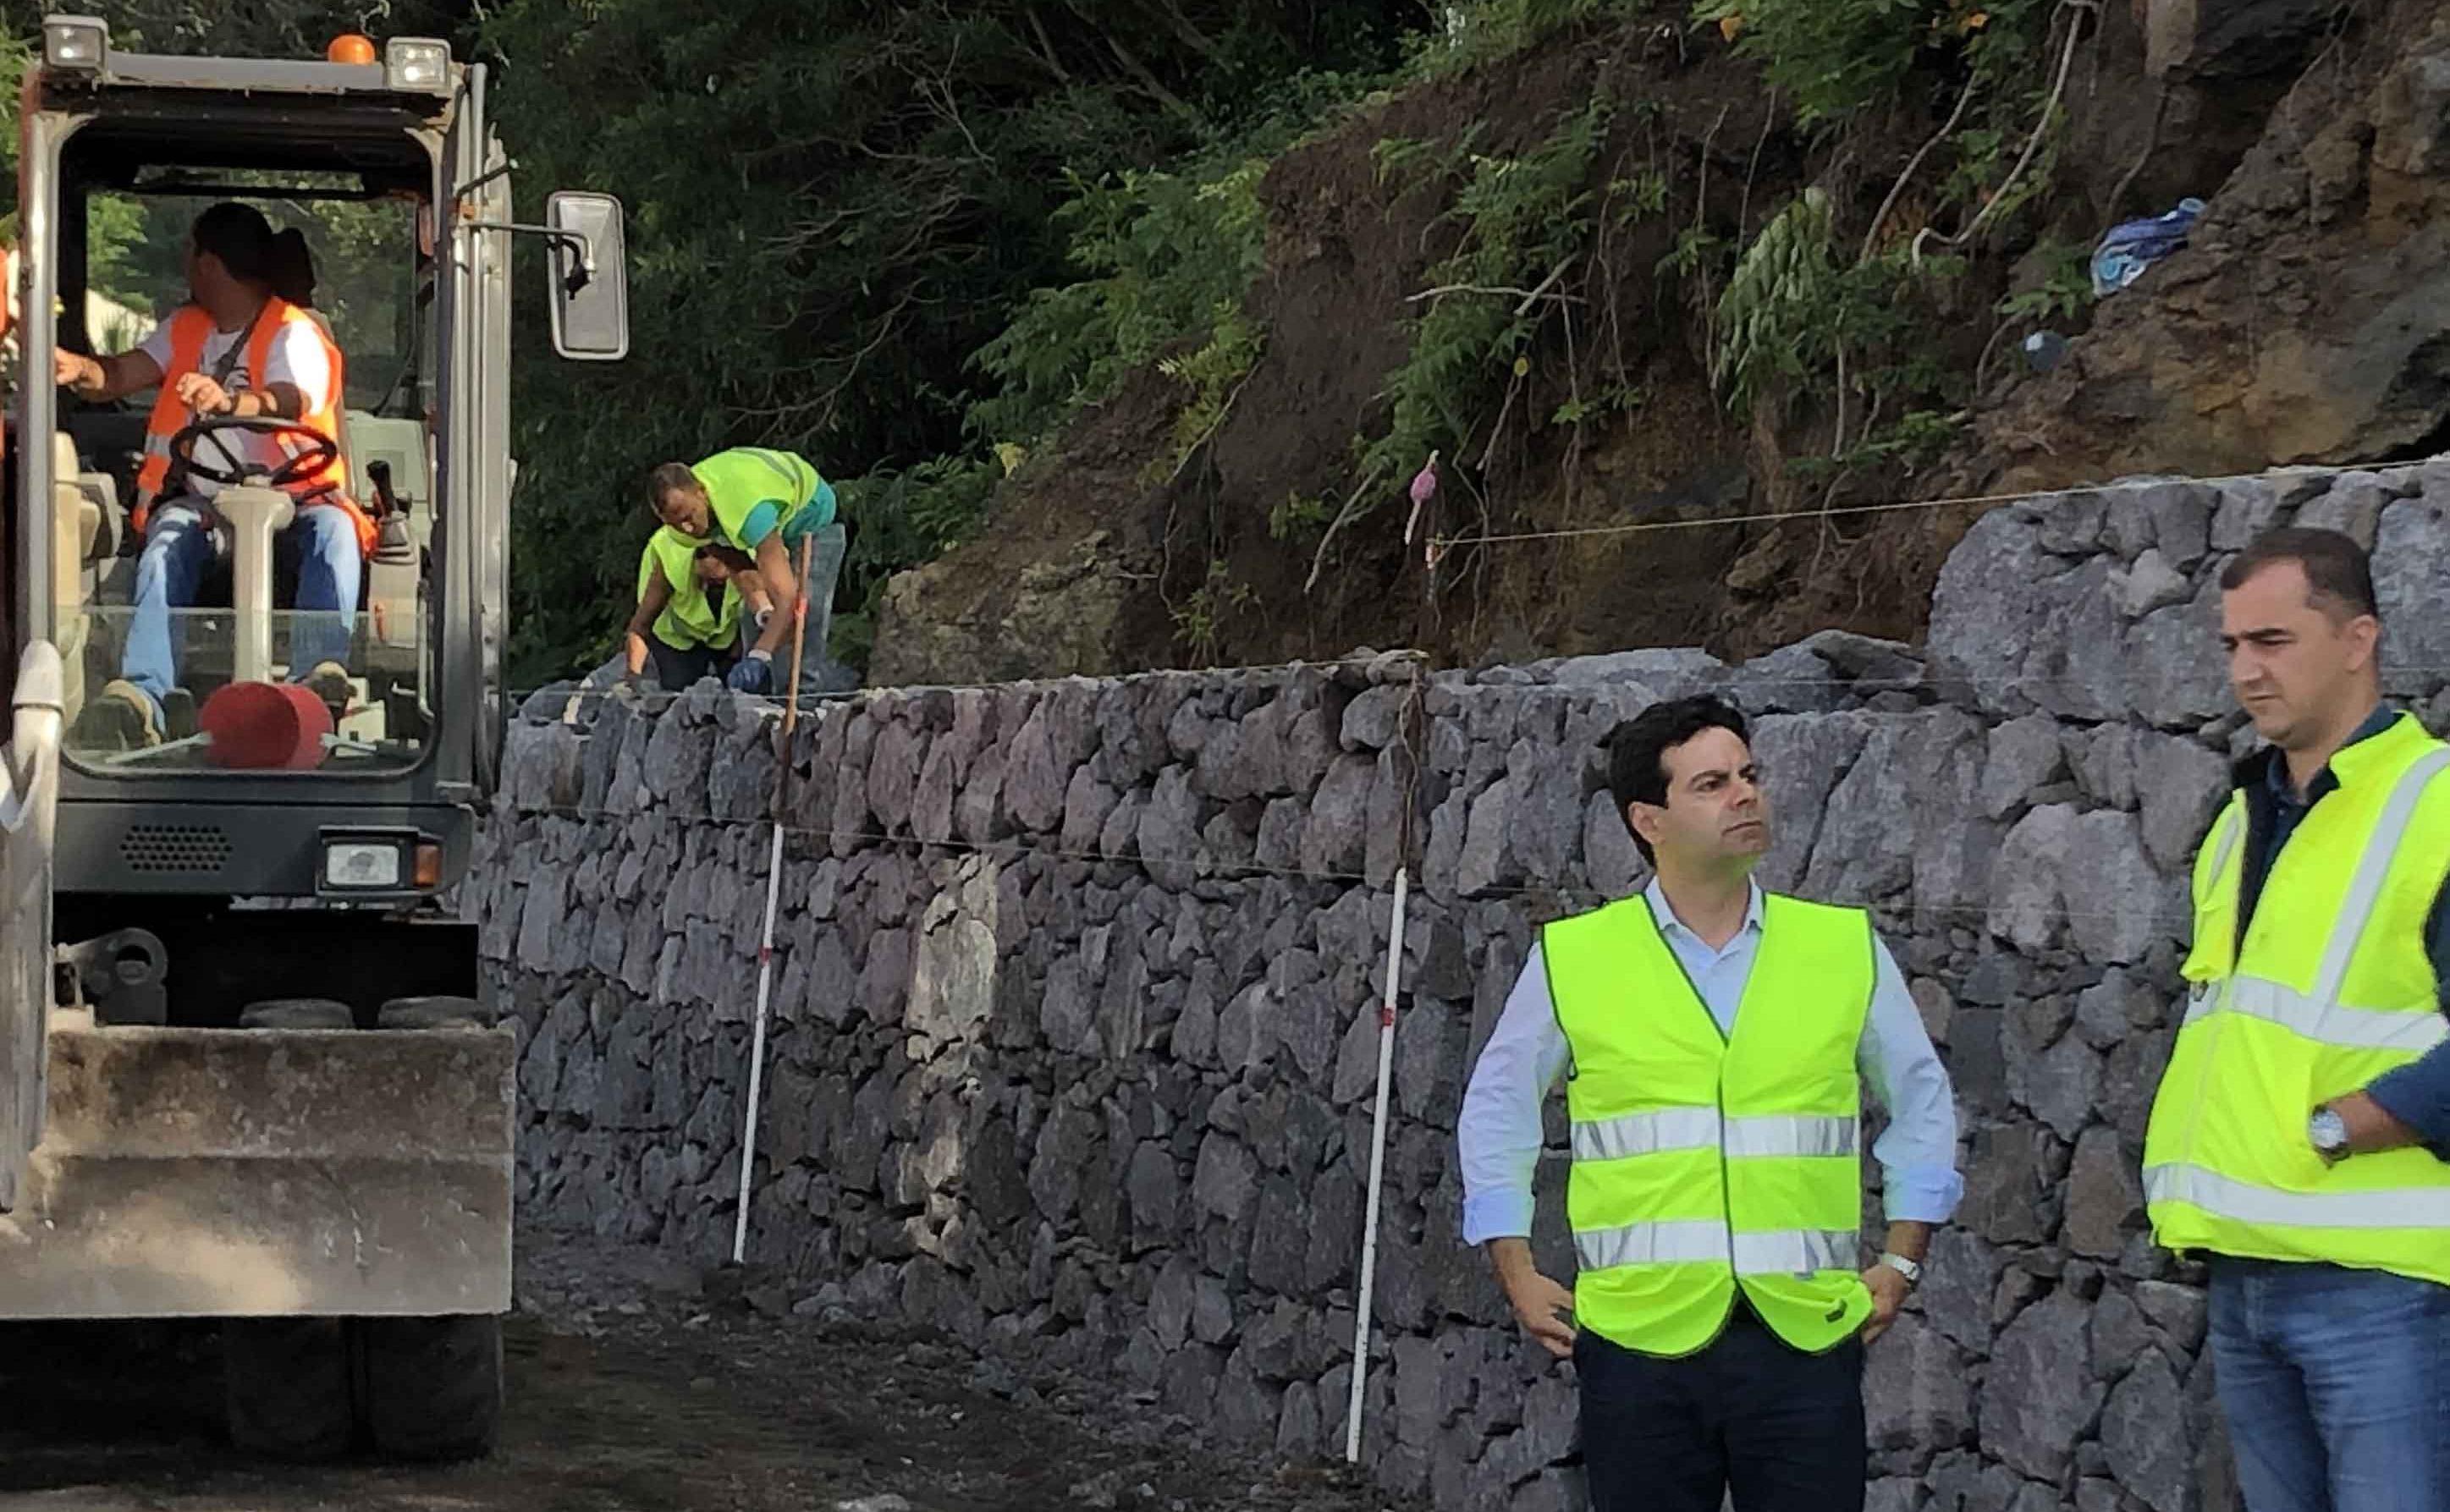 Já foi assinado o contrato para fornecimento de equipamentos de sinalização para a Rede Viária Regional de São Jorge, revela Diretor Regional das Obras Públicas